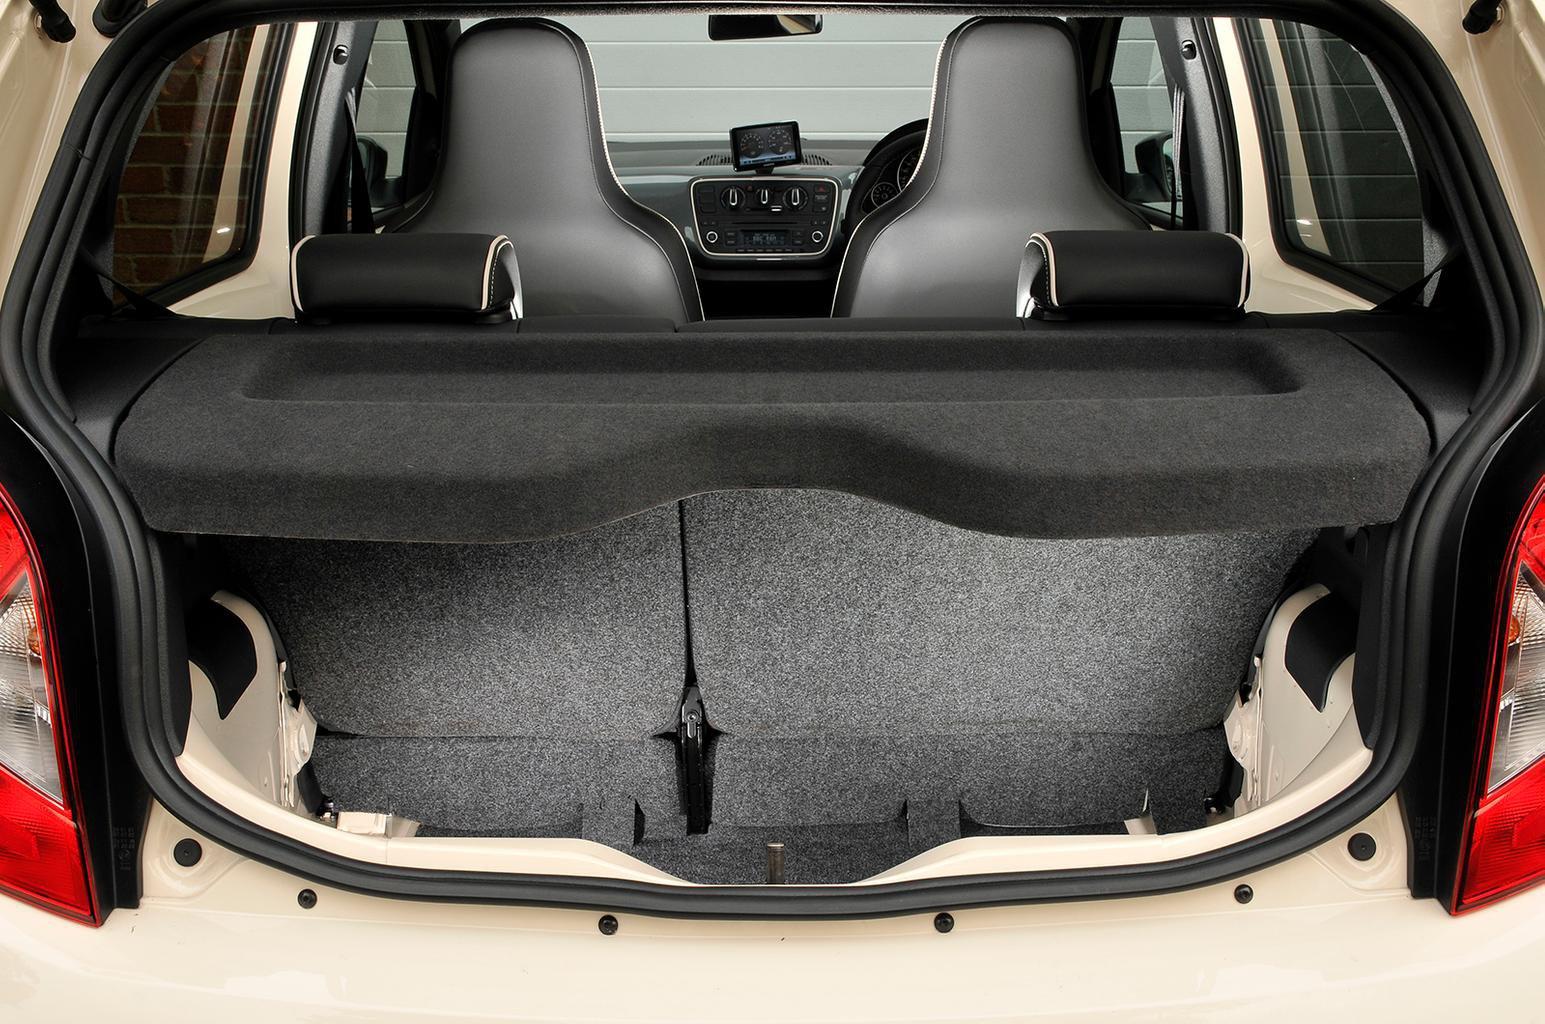 Used Seat Mii 2012-Present